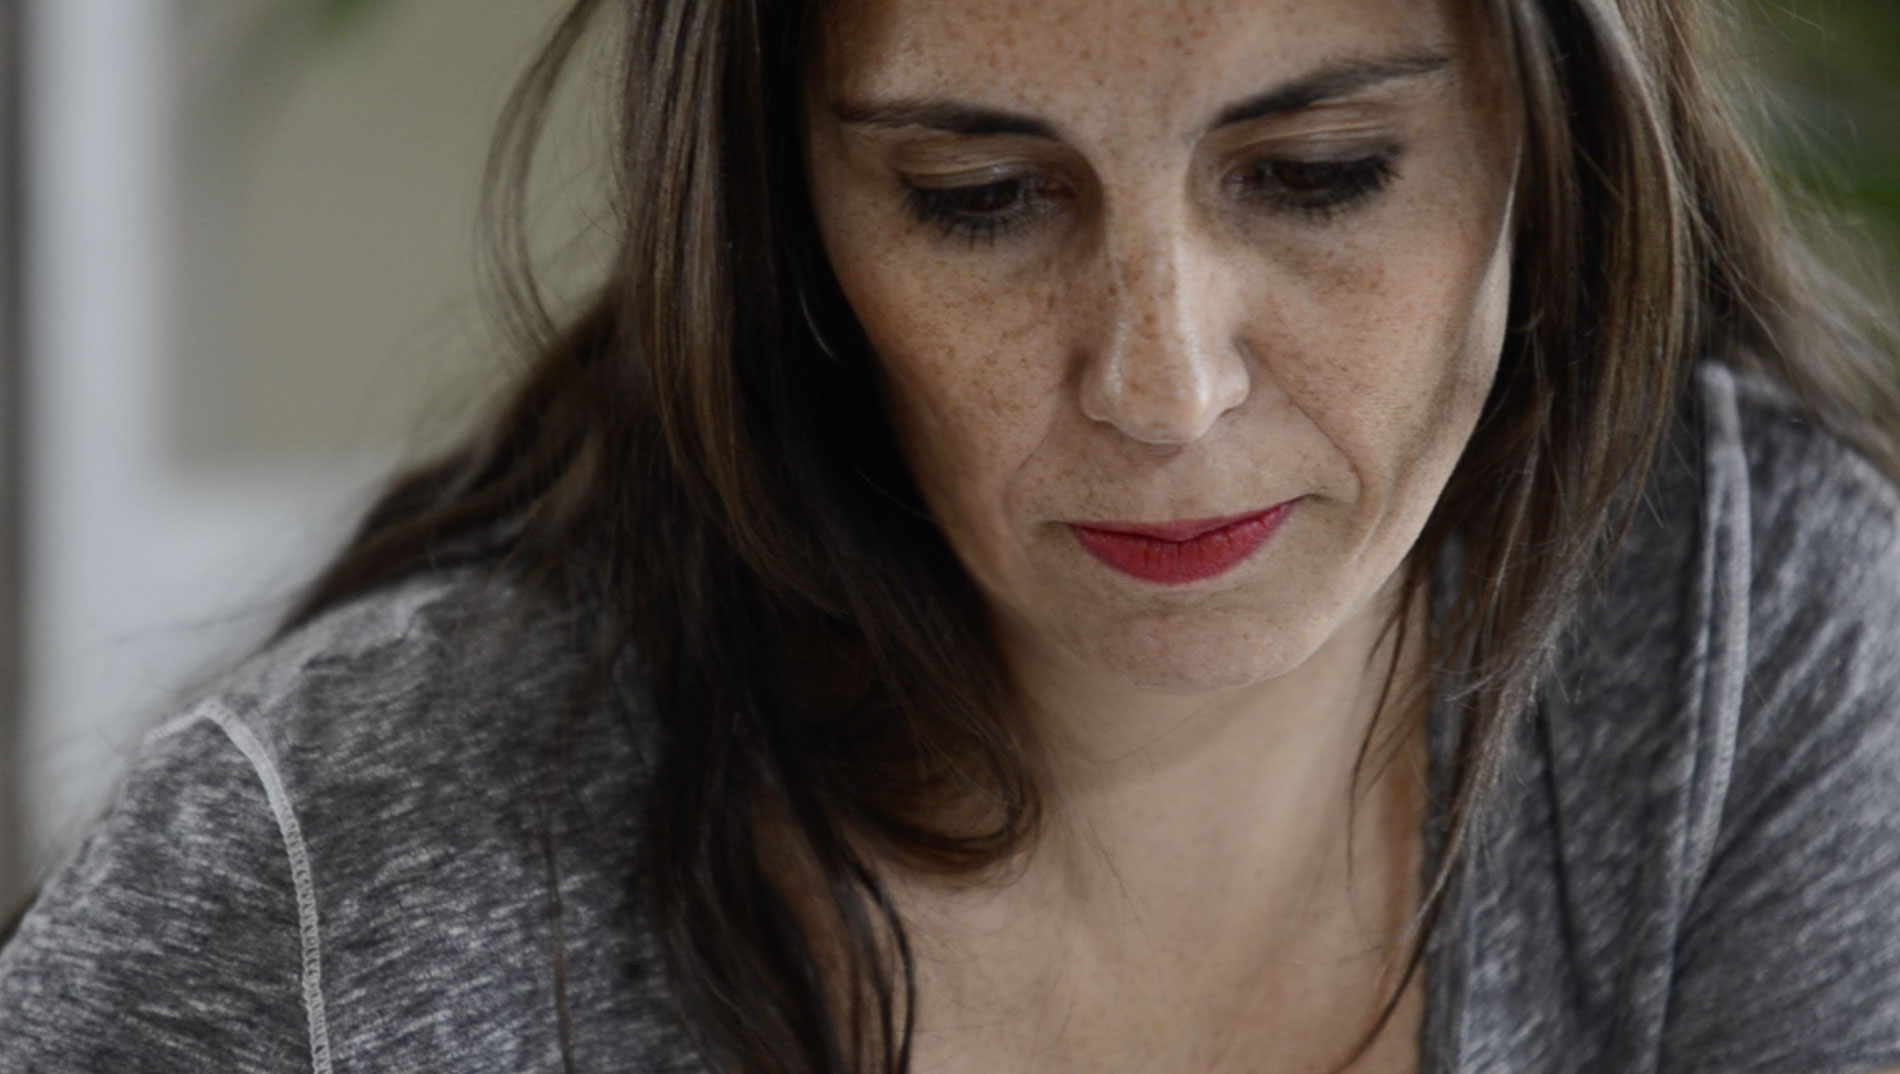 Paloma Dominguez